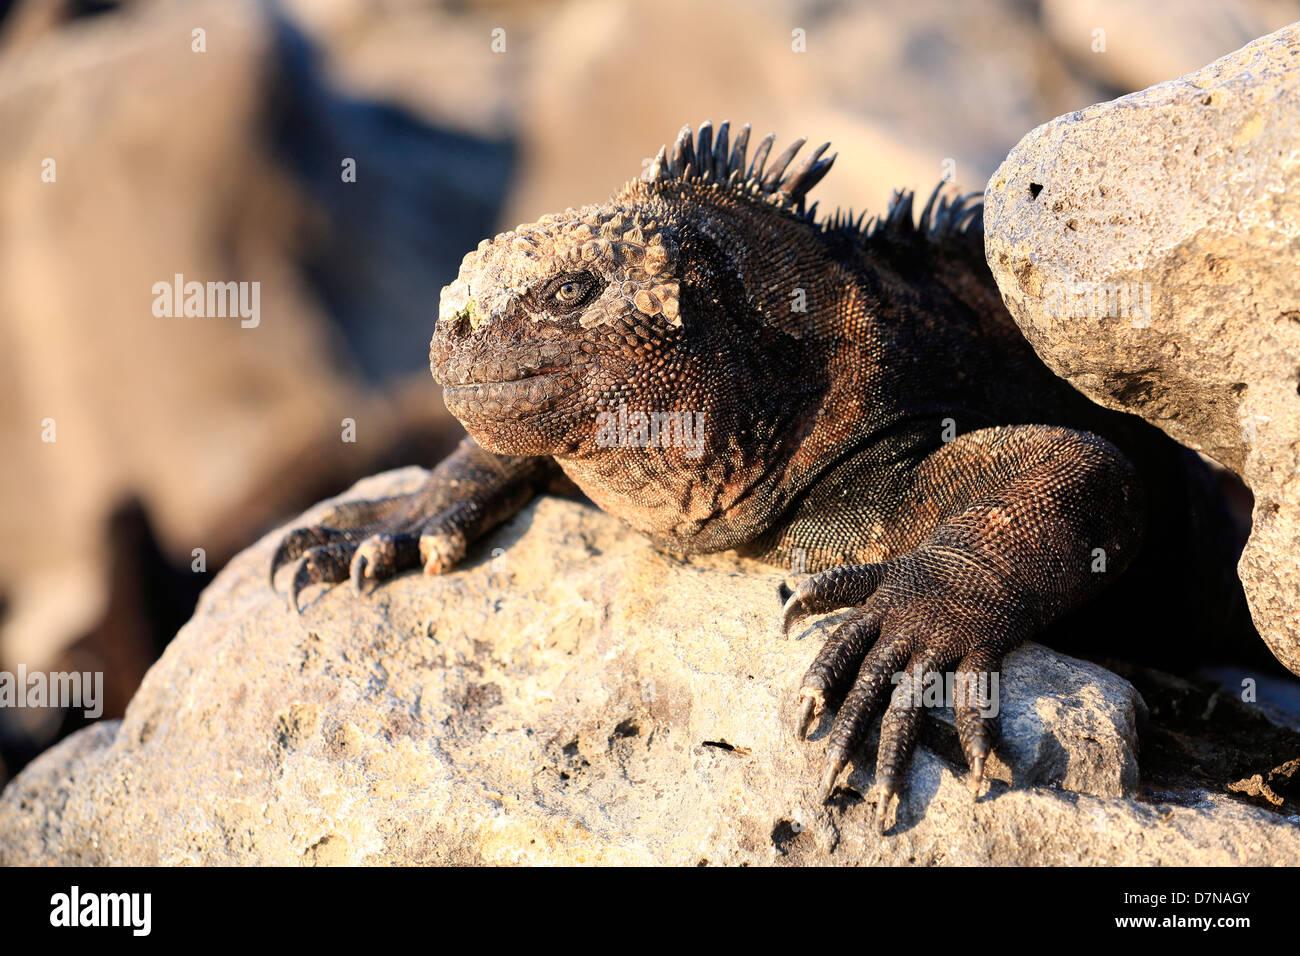 Marine Iguana Sonnenbaden auf Vulkangestein, Galapagos-Inseln Stockbild